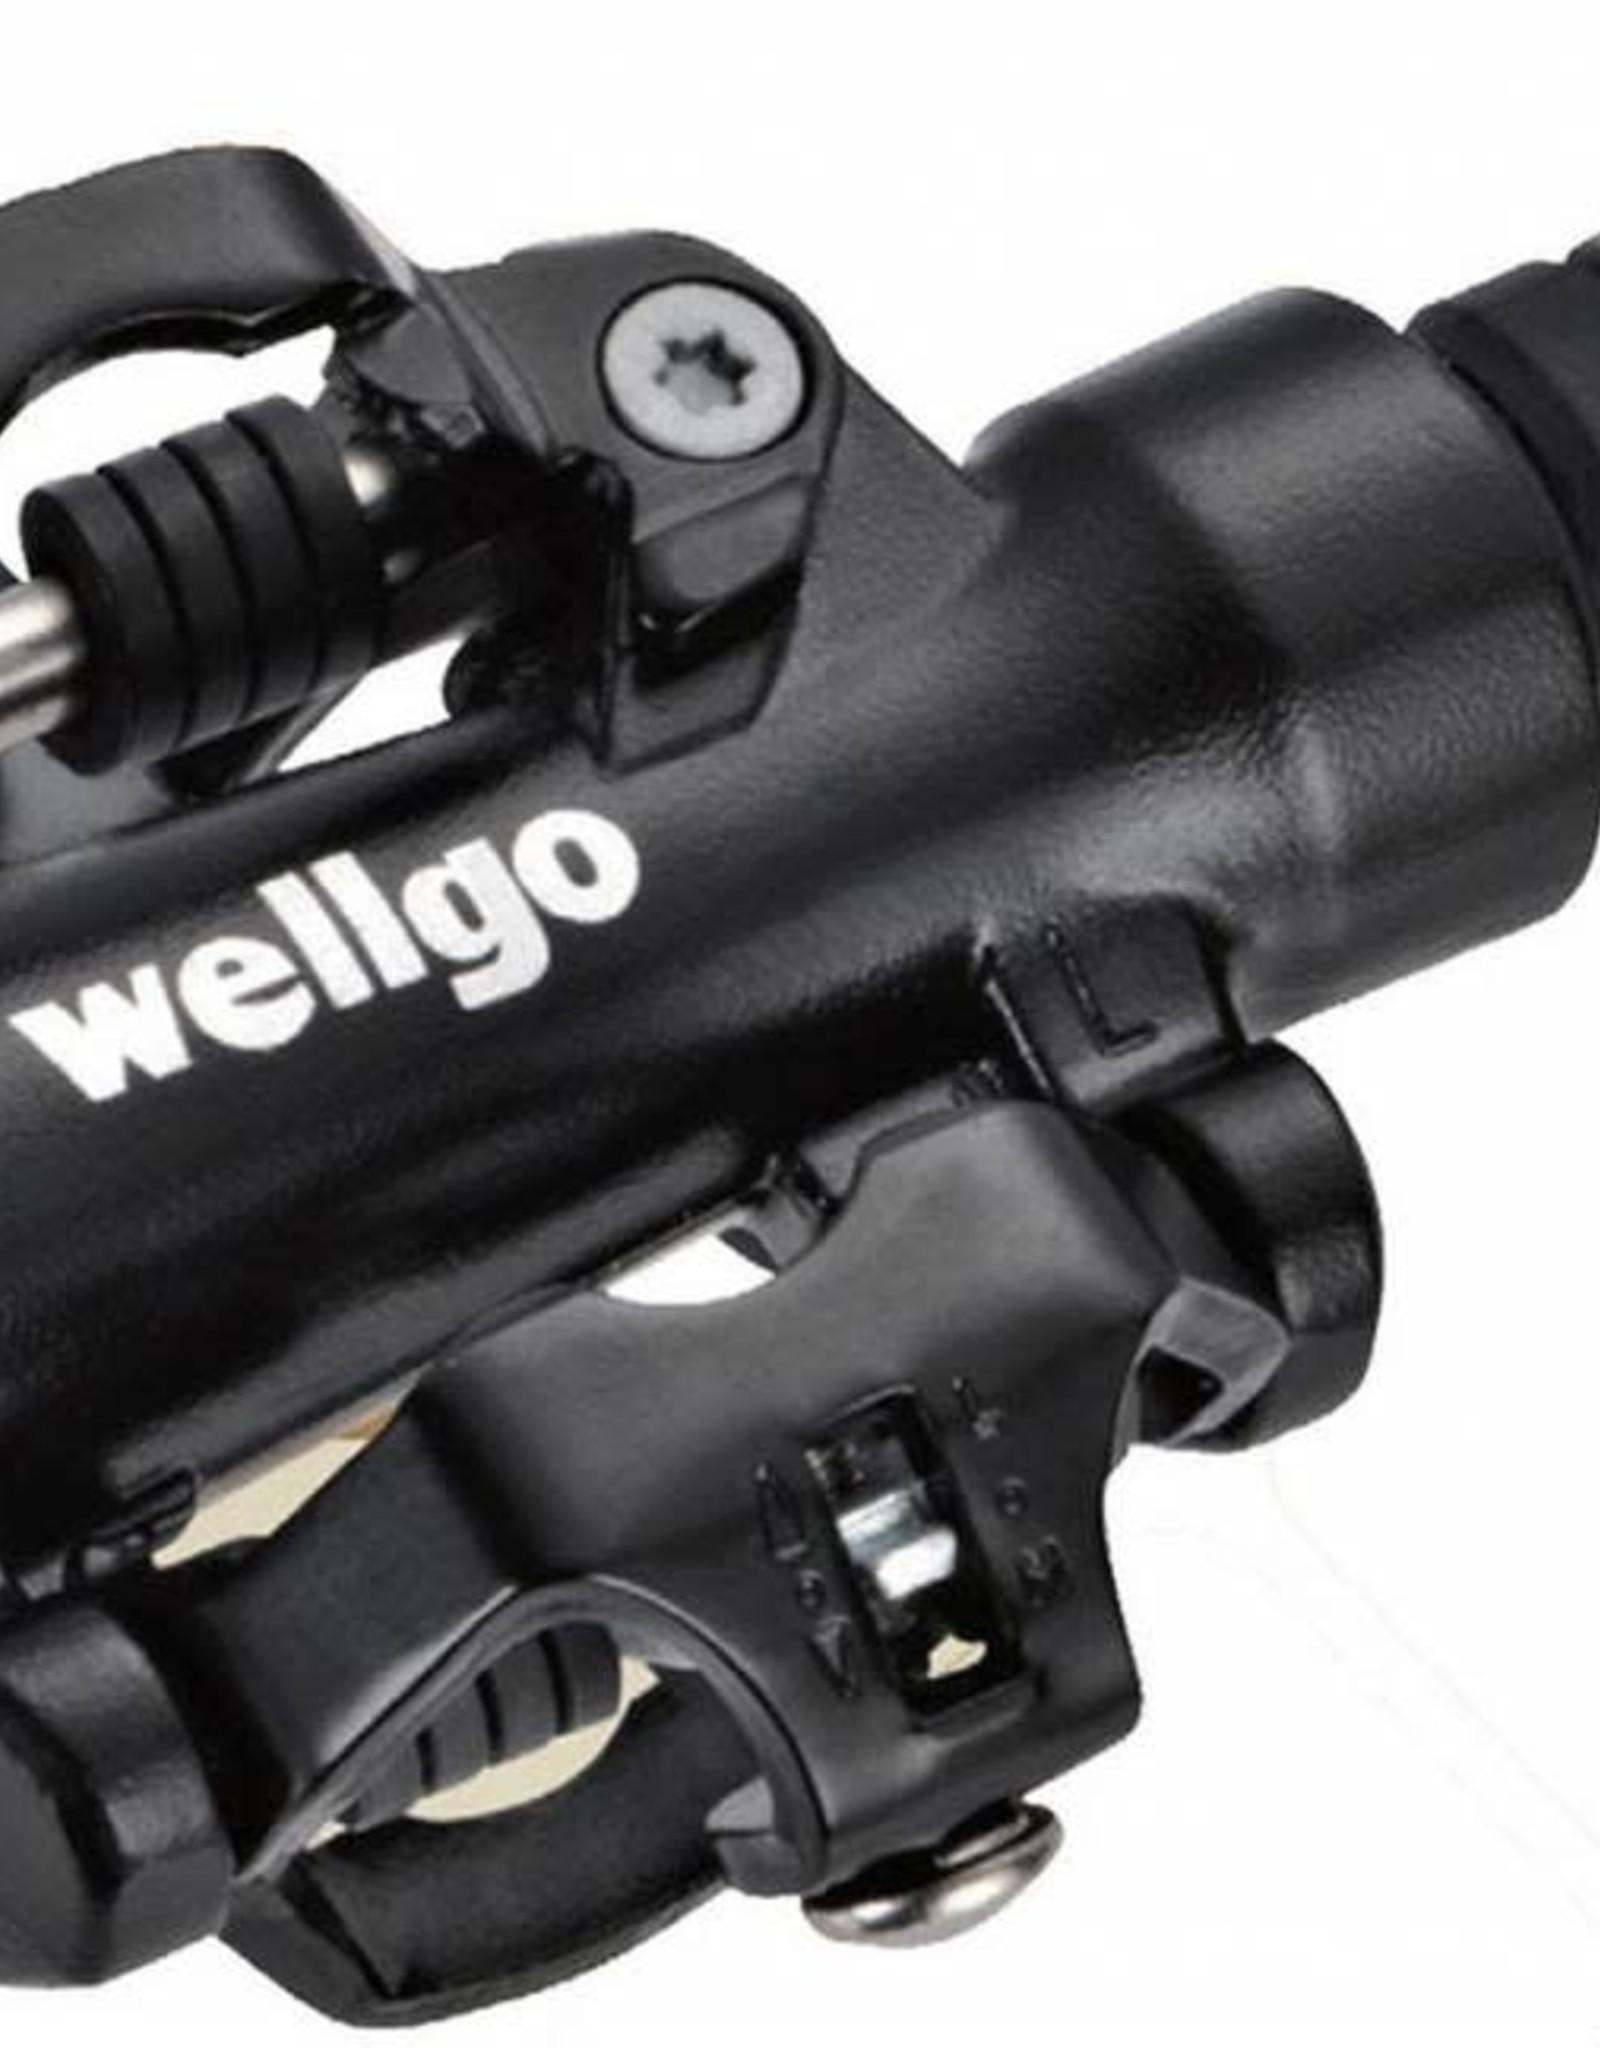 WELLGO WELLGO M094 CLIPLESS PEDAL BLK